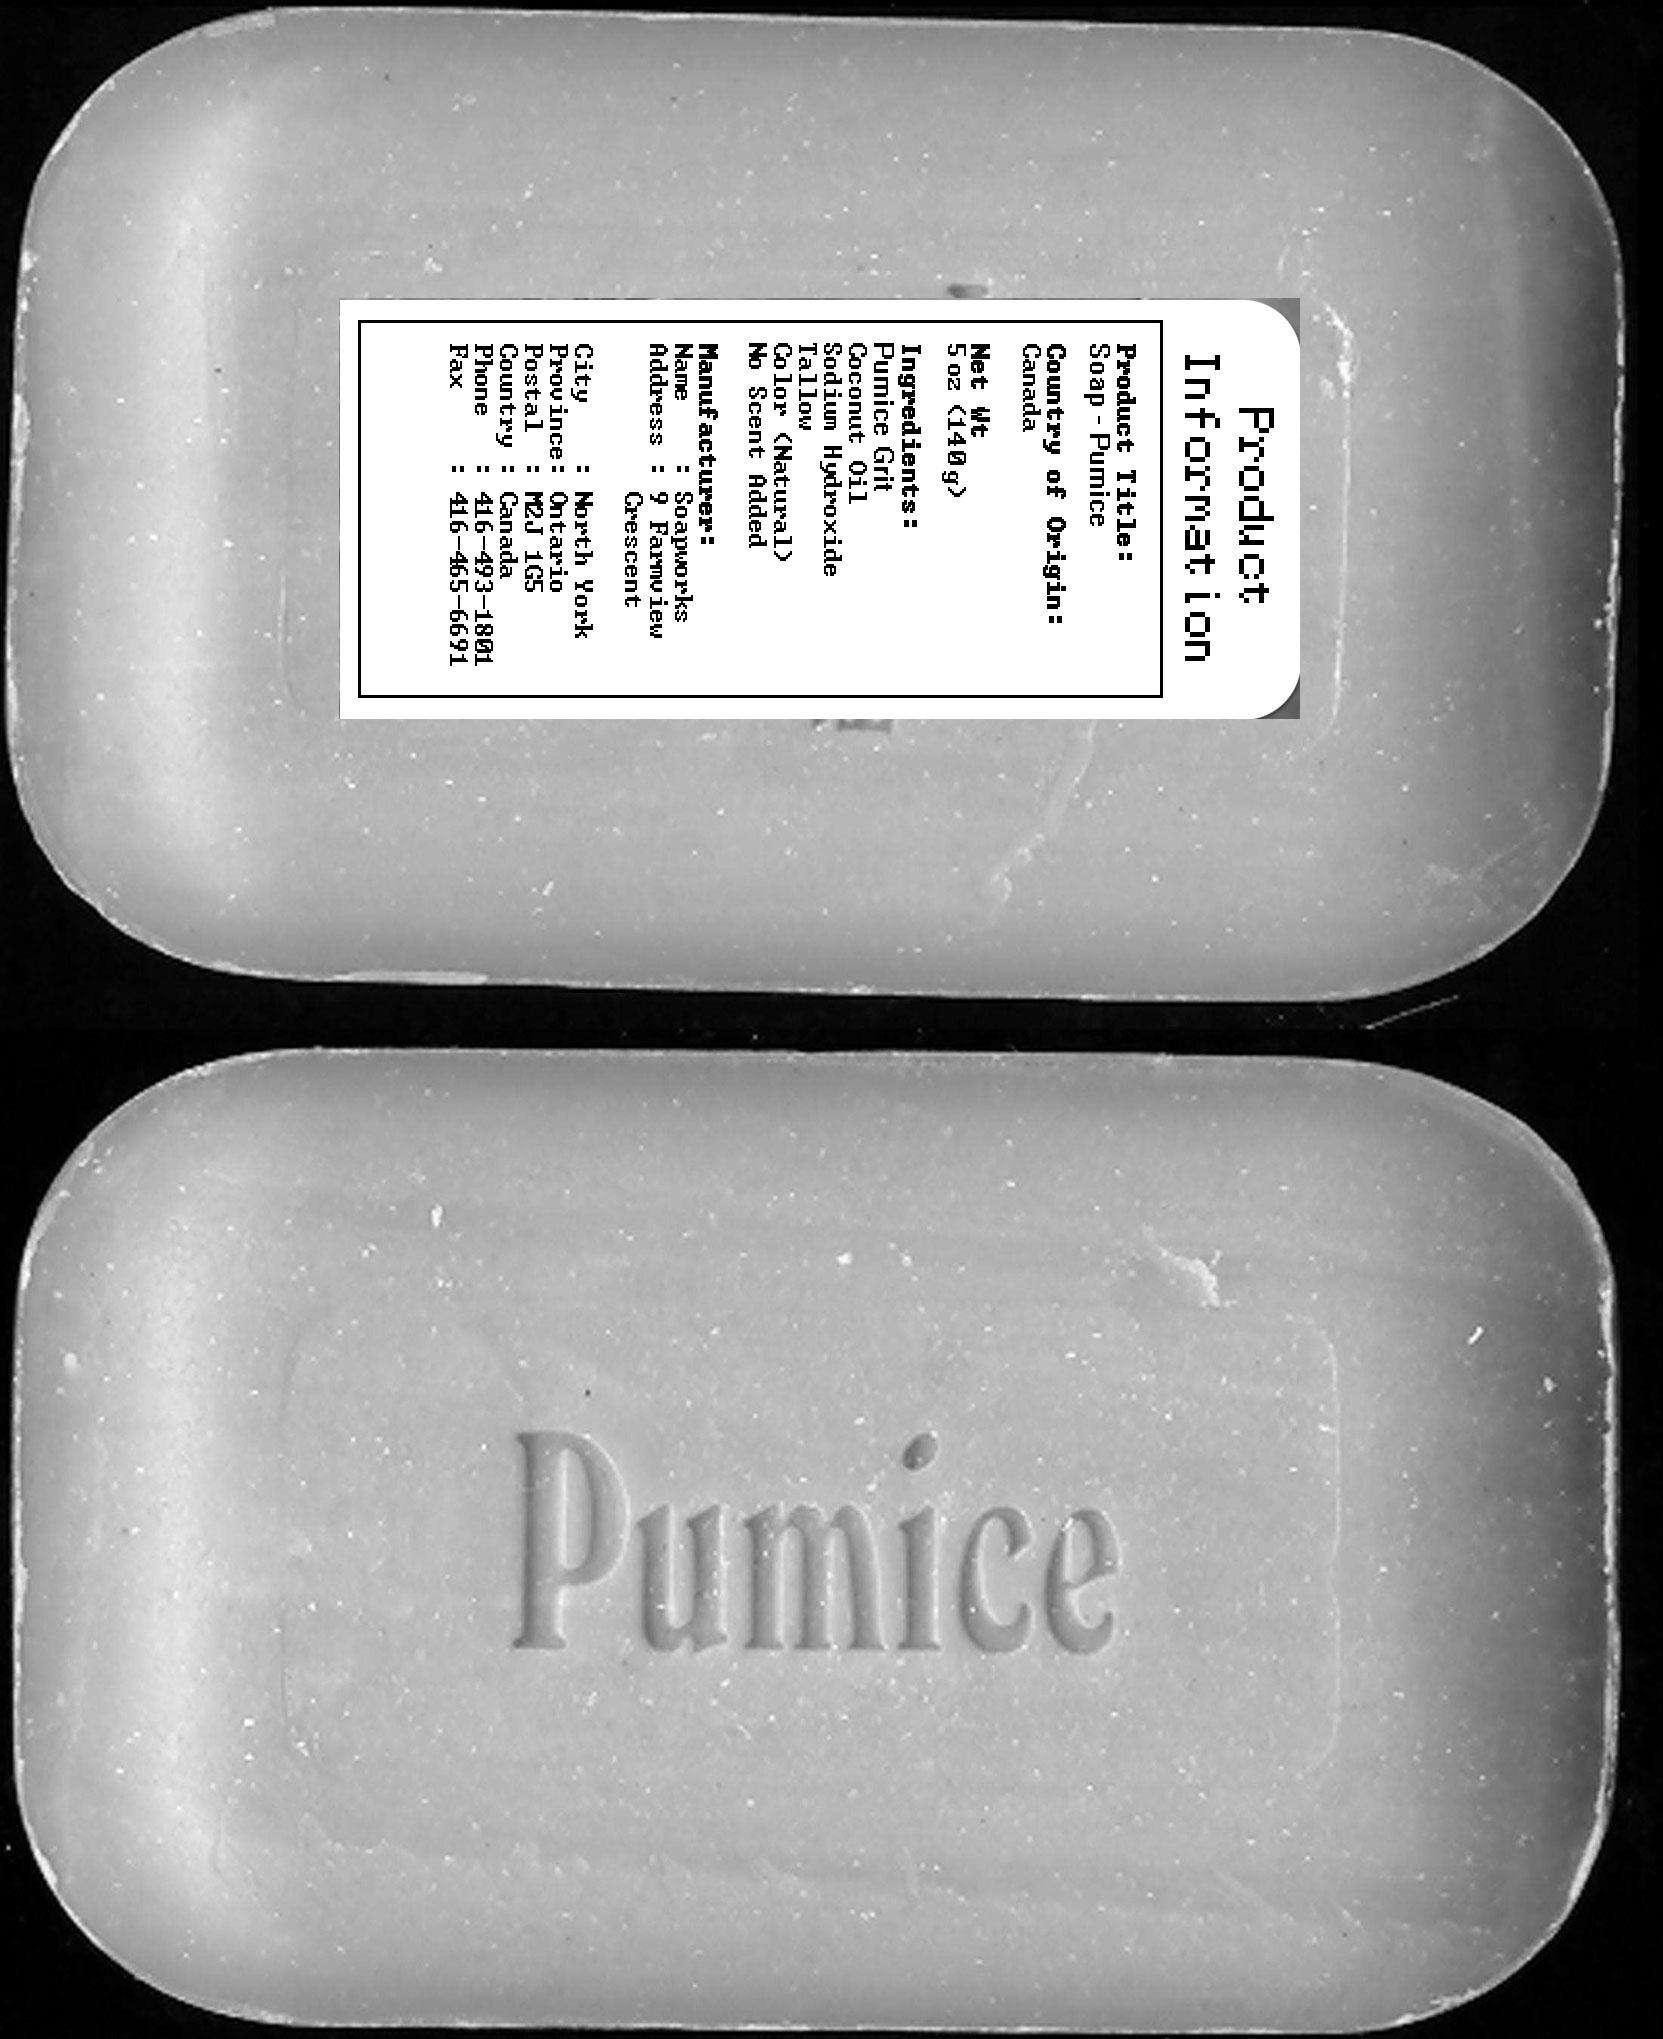 Pumice Soap - Label